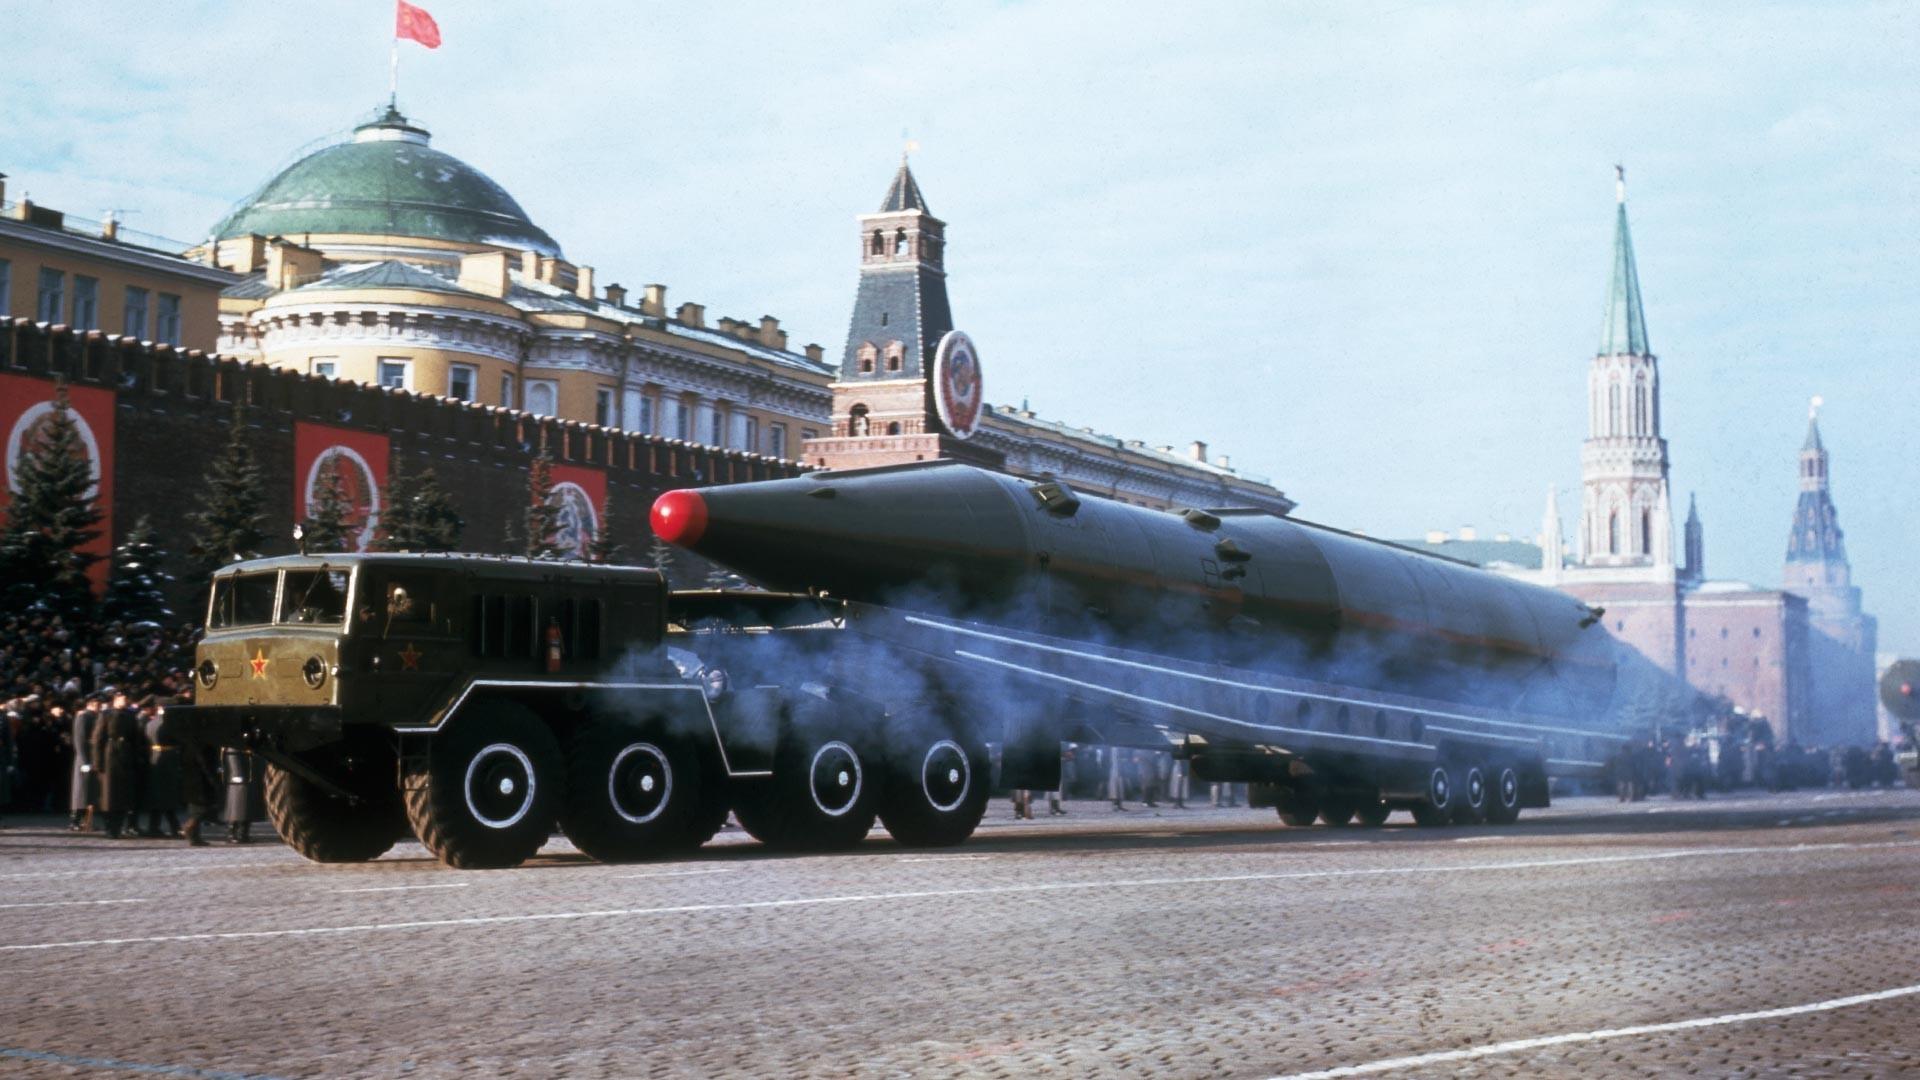 Советска балистичка ракета пред Кремљ на парадата по повод 50-годишнината од Октомвриската револуција.